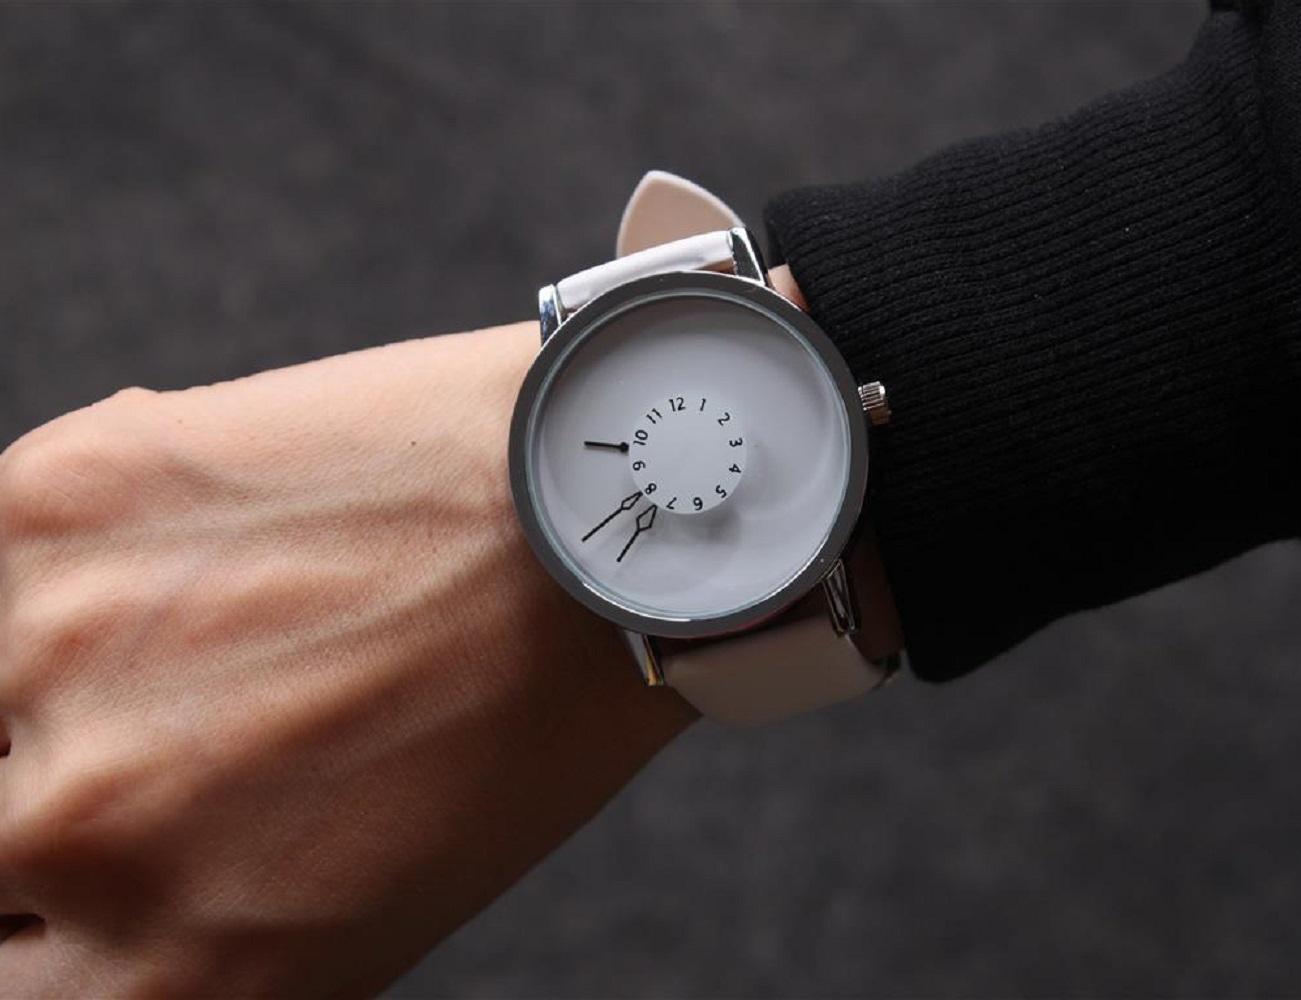 Nadir+Watch+By+CKIE